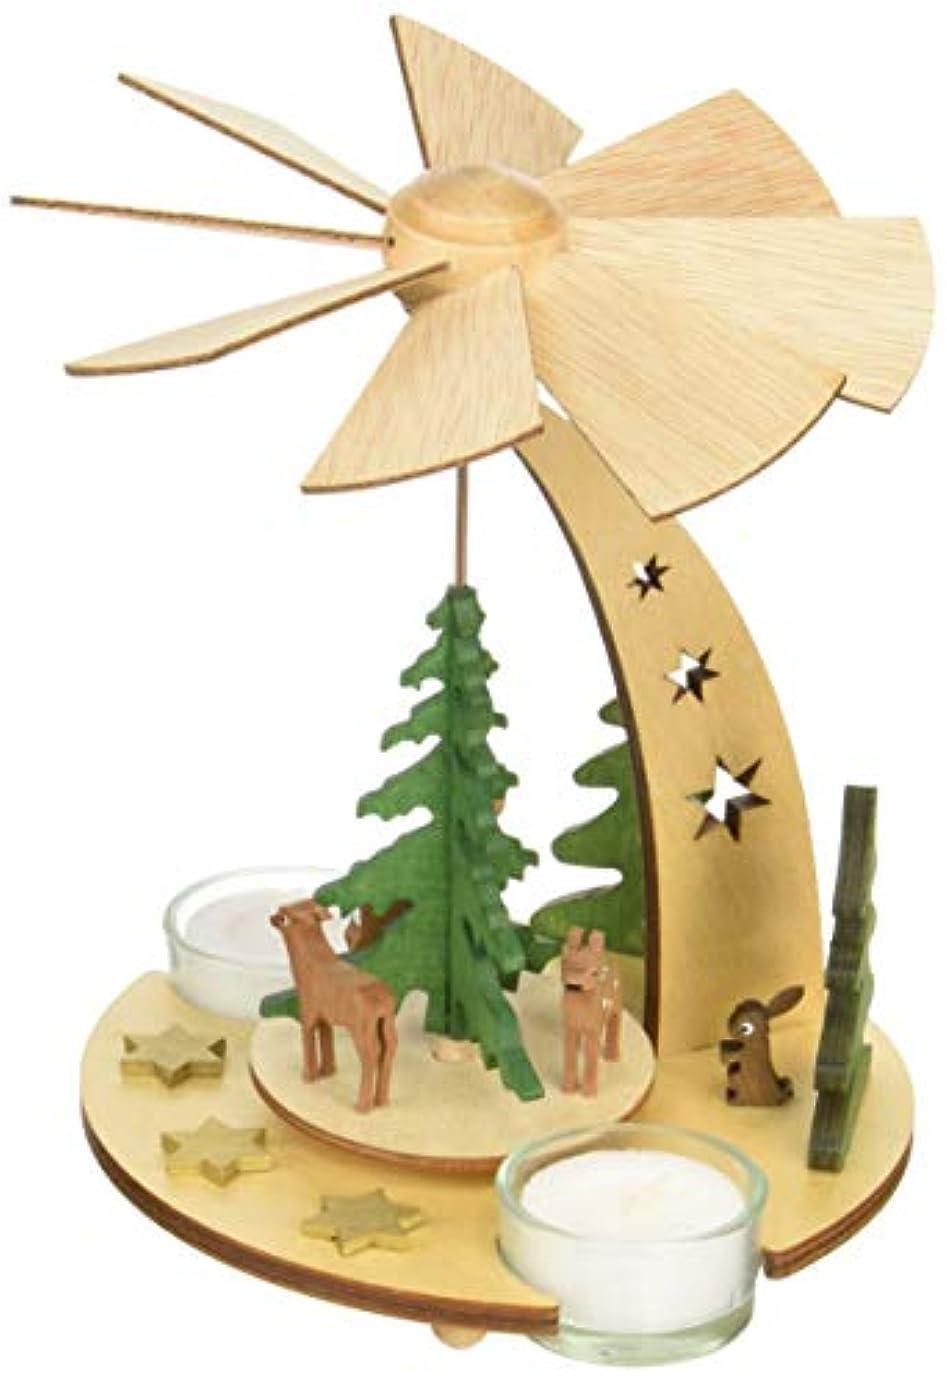 ブラウン恥ずかしさ戻るkuhnert クリスマスピラミッド 森の動物